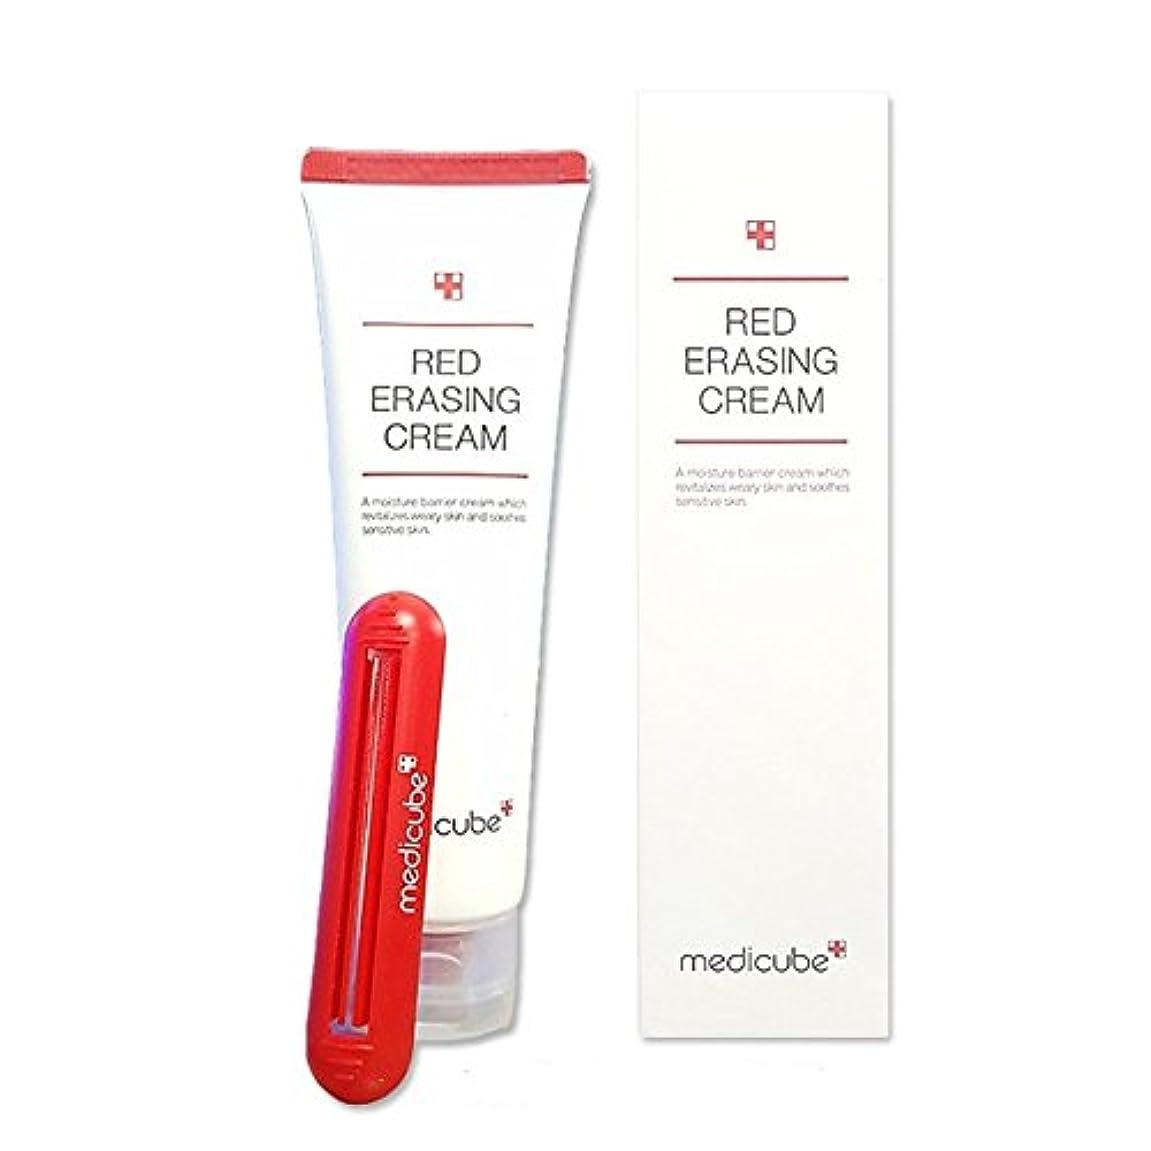 酸っぱい前述のコンテンポラリーメディキューブ・レッドイレイジンクリーム100ml、Medicube Red Erasing Cream 100ml [並行輸入品]